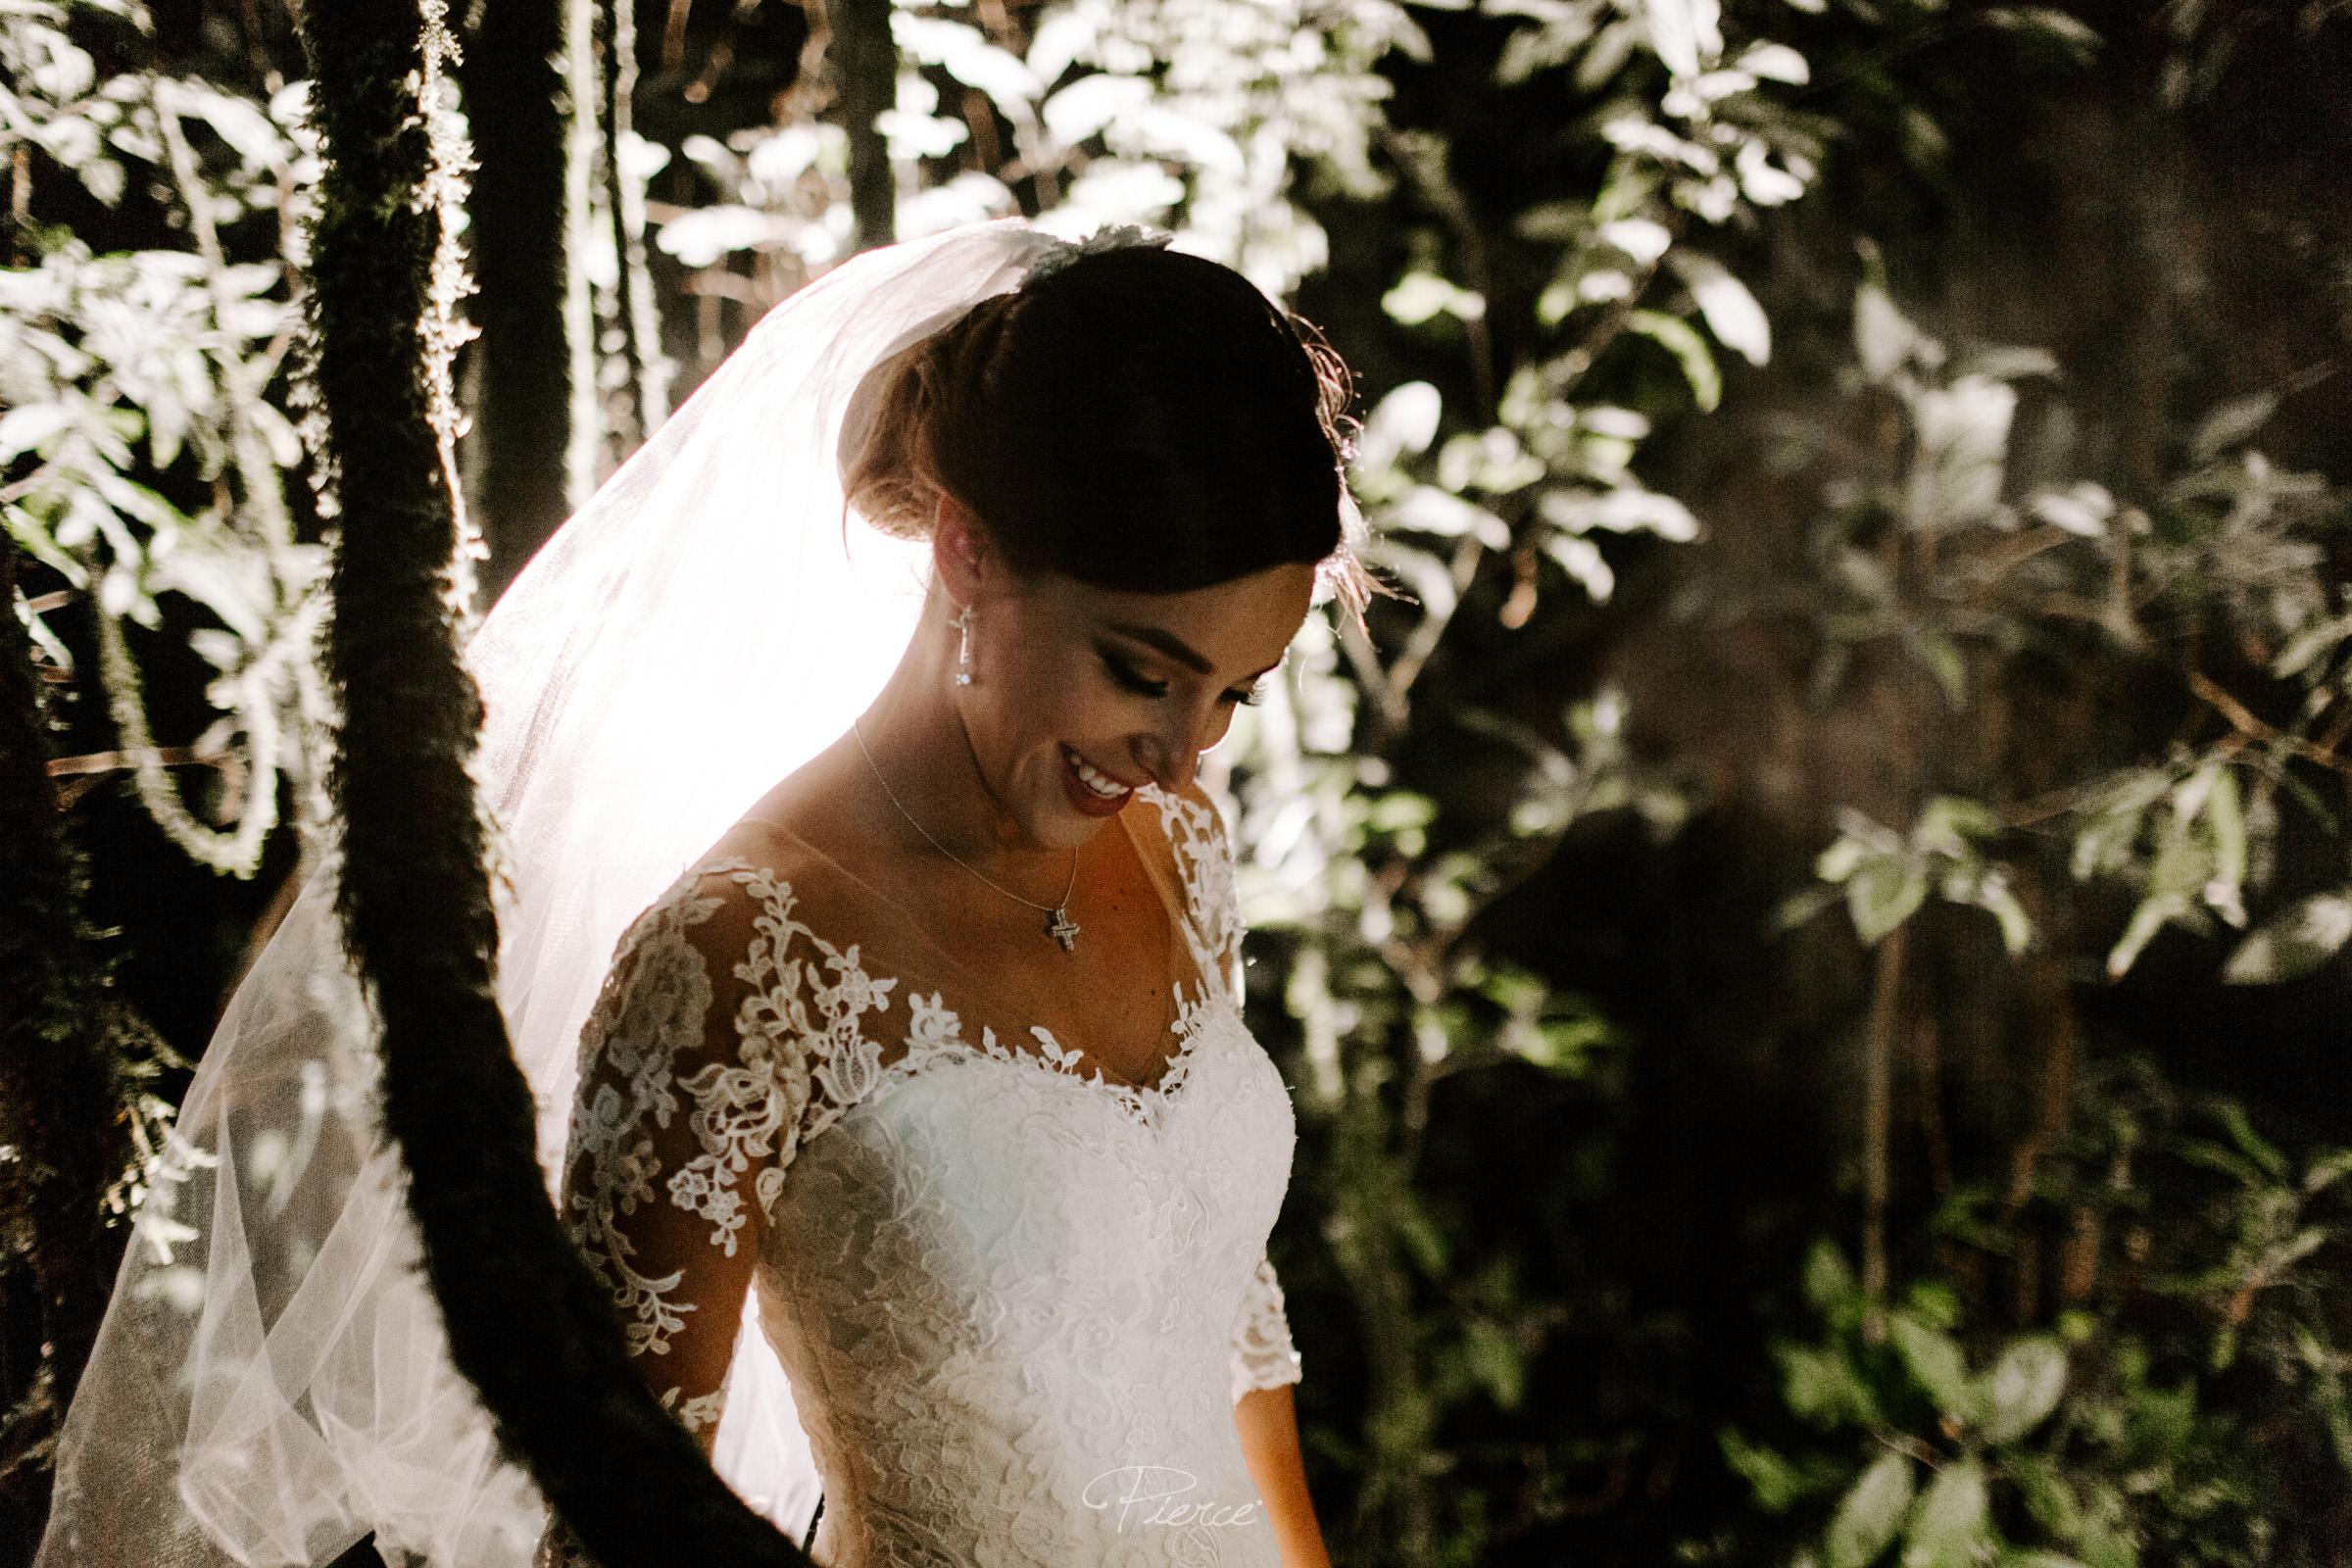 fotografia-de-boda-valle-de-bravo-mexico-rosmarino-pierce-weddings-0121.JPG